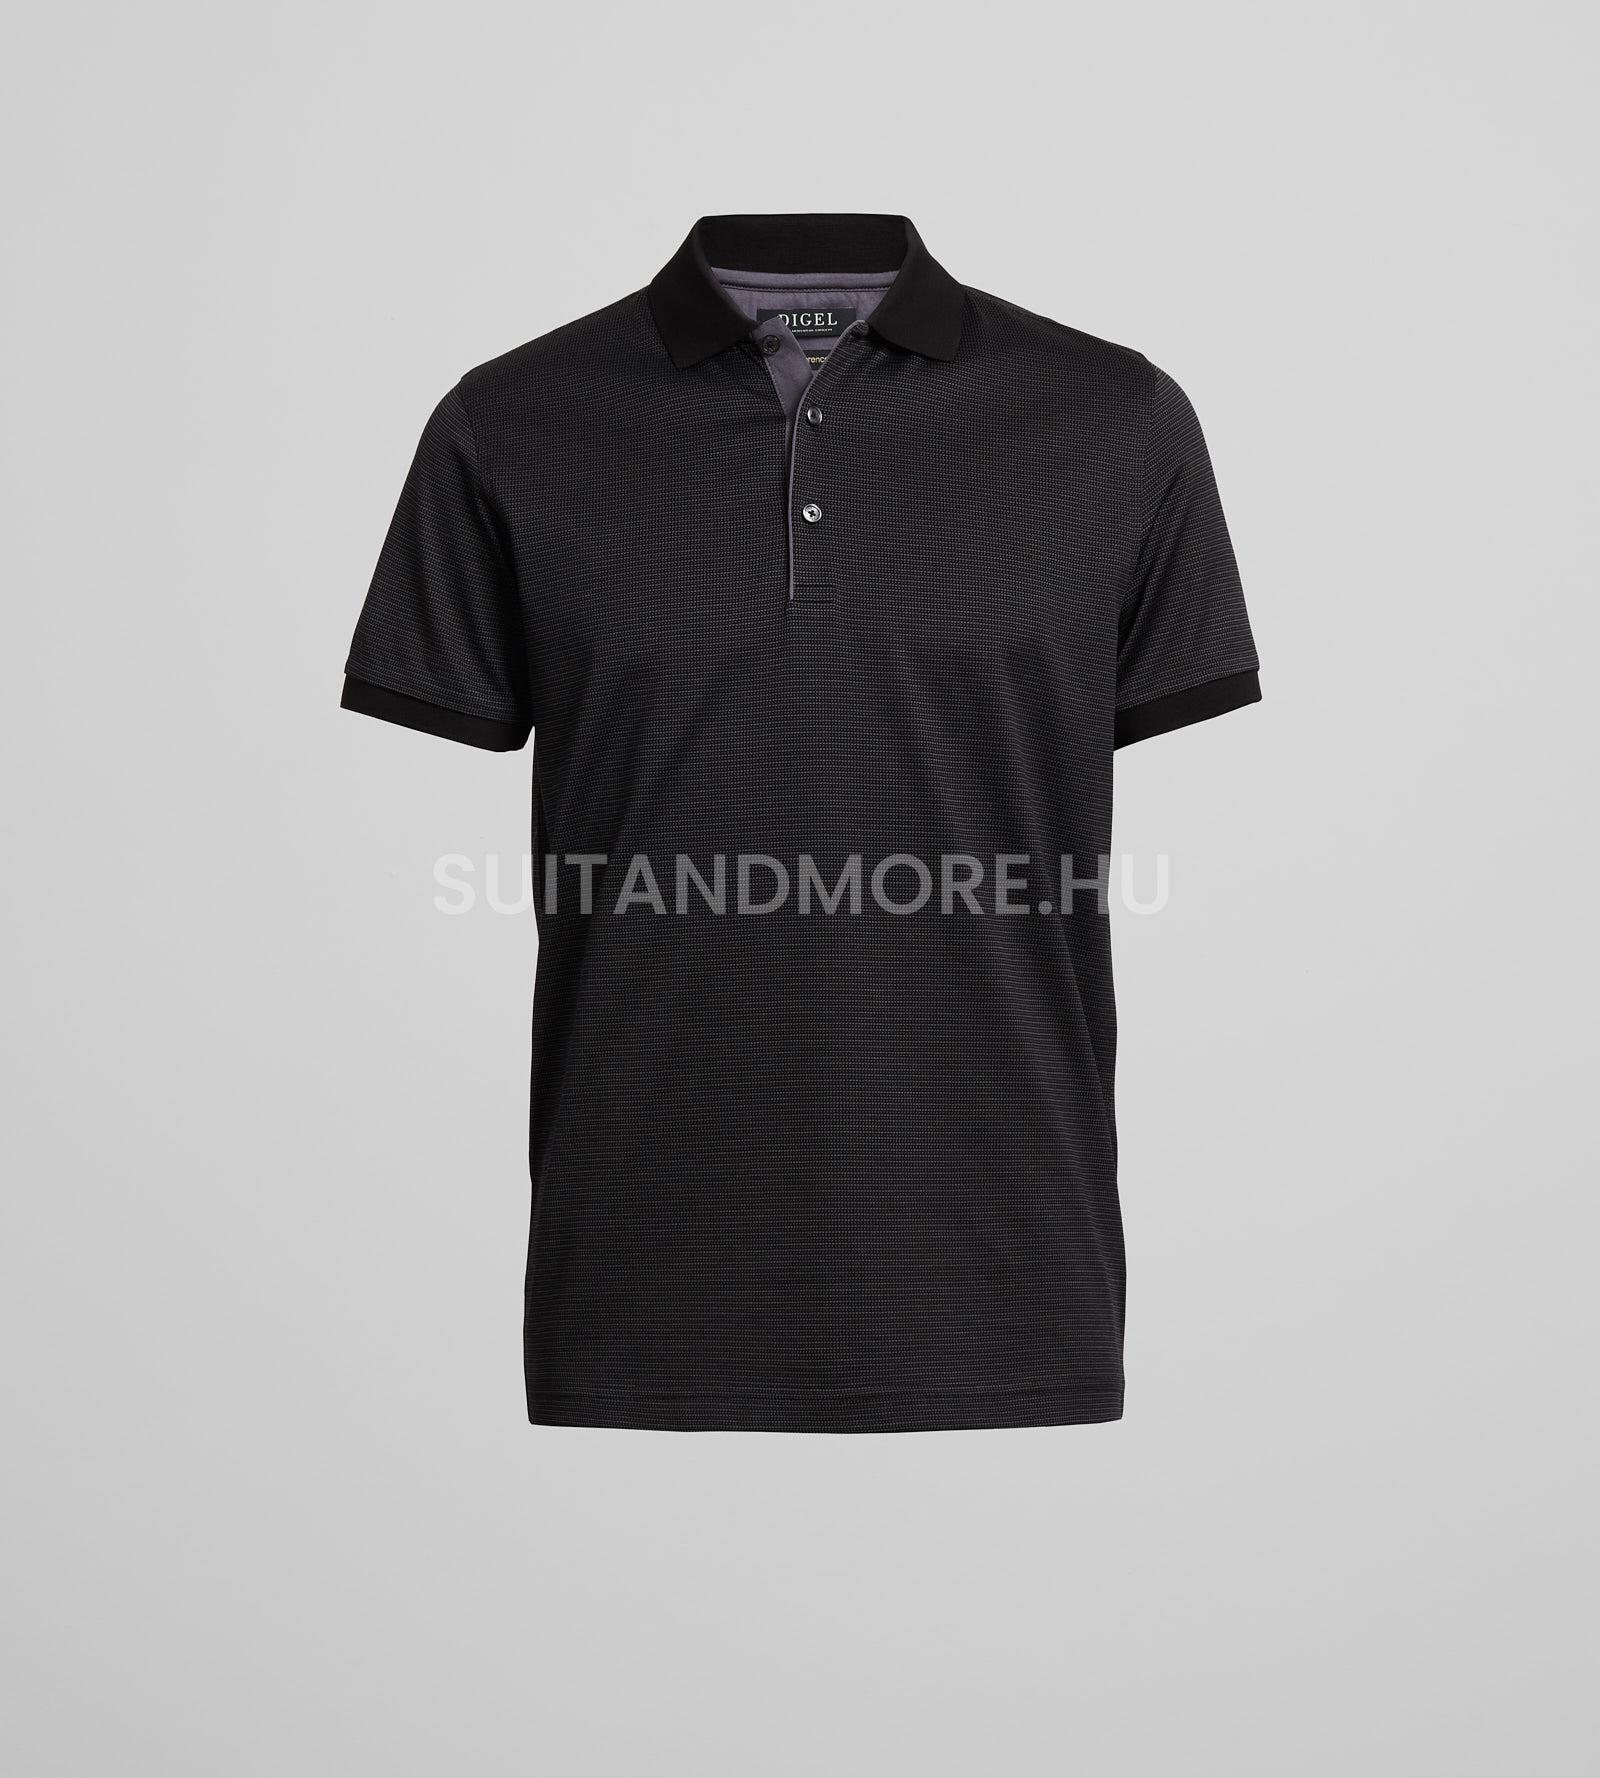 digel-fekete-fit-v-nyaku-pamut-ingpolo-tasso-1198111-10